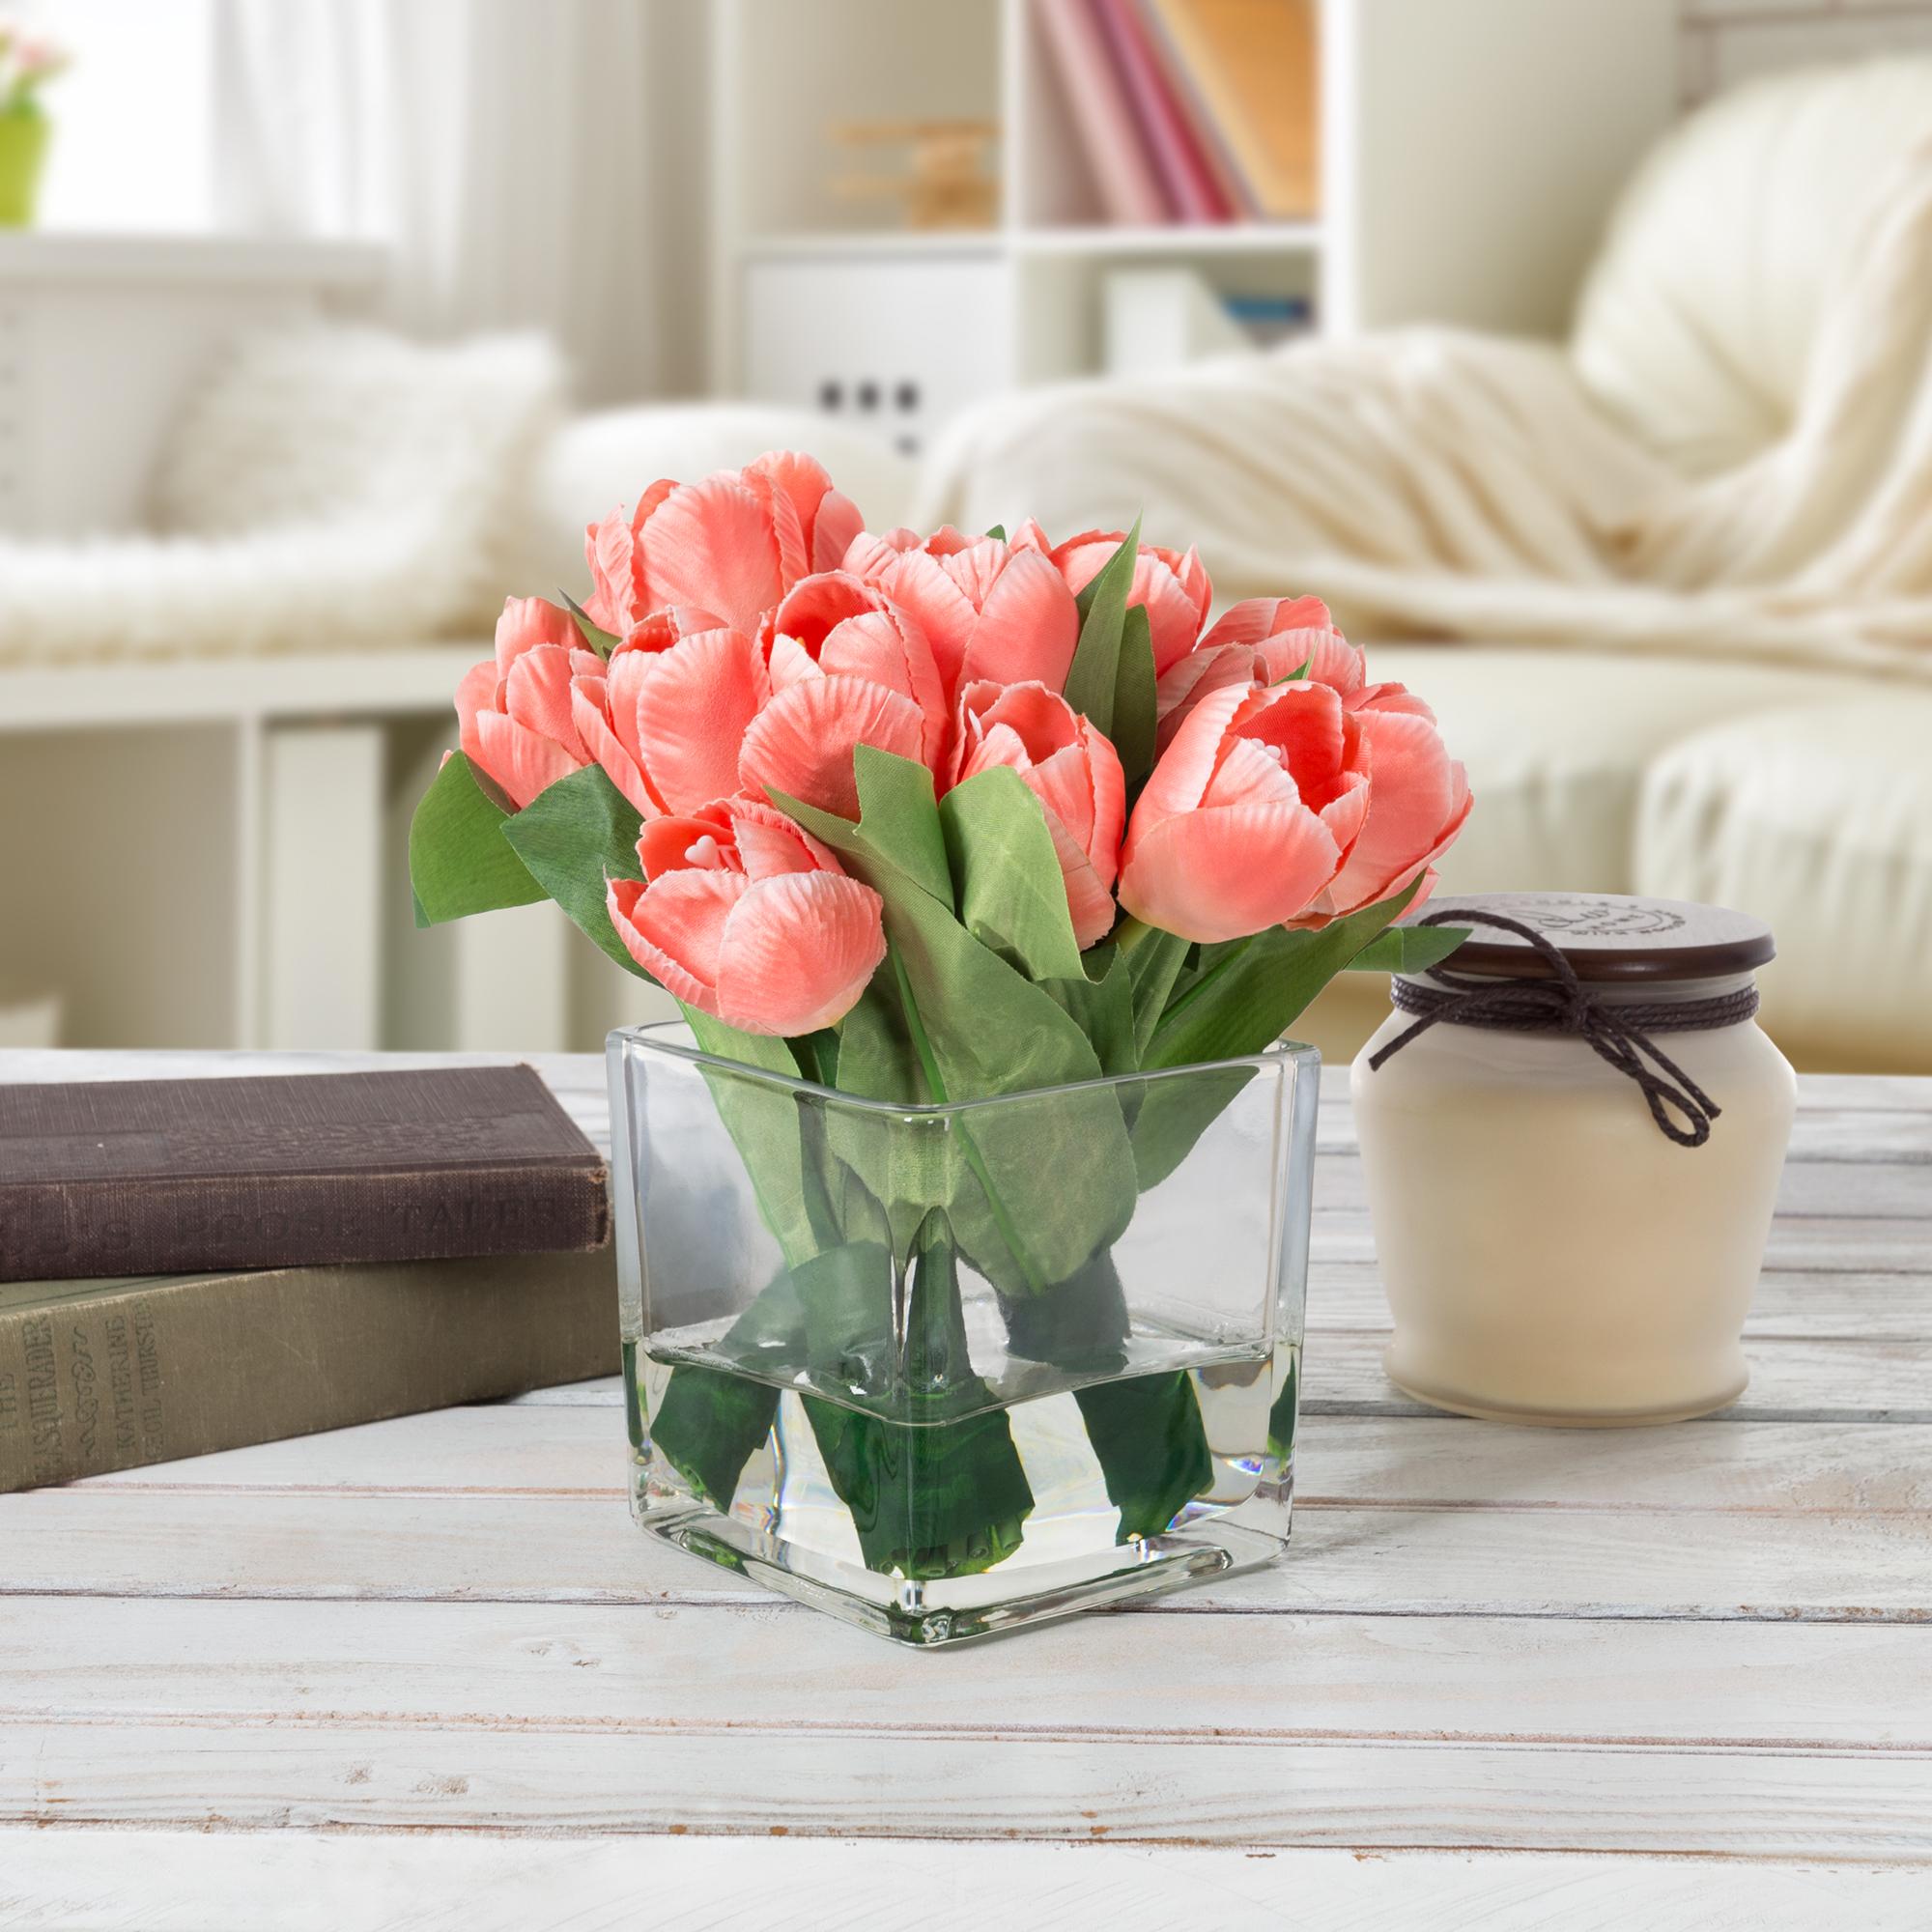 Tulips in Glass Vase